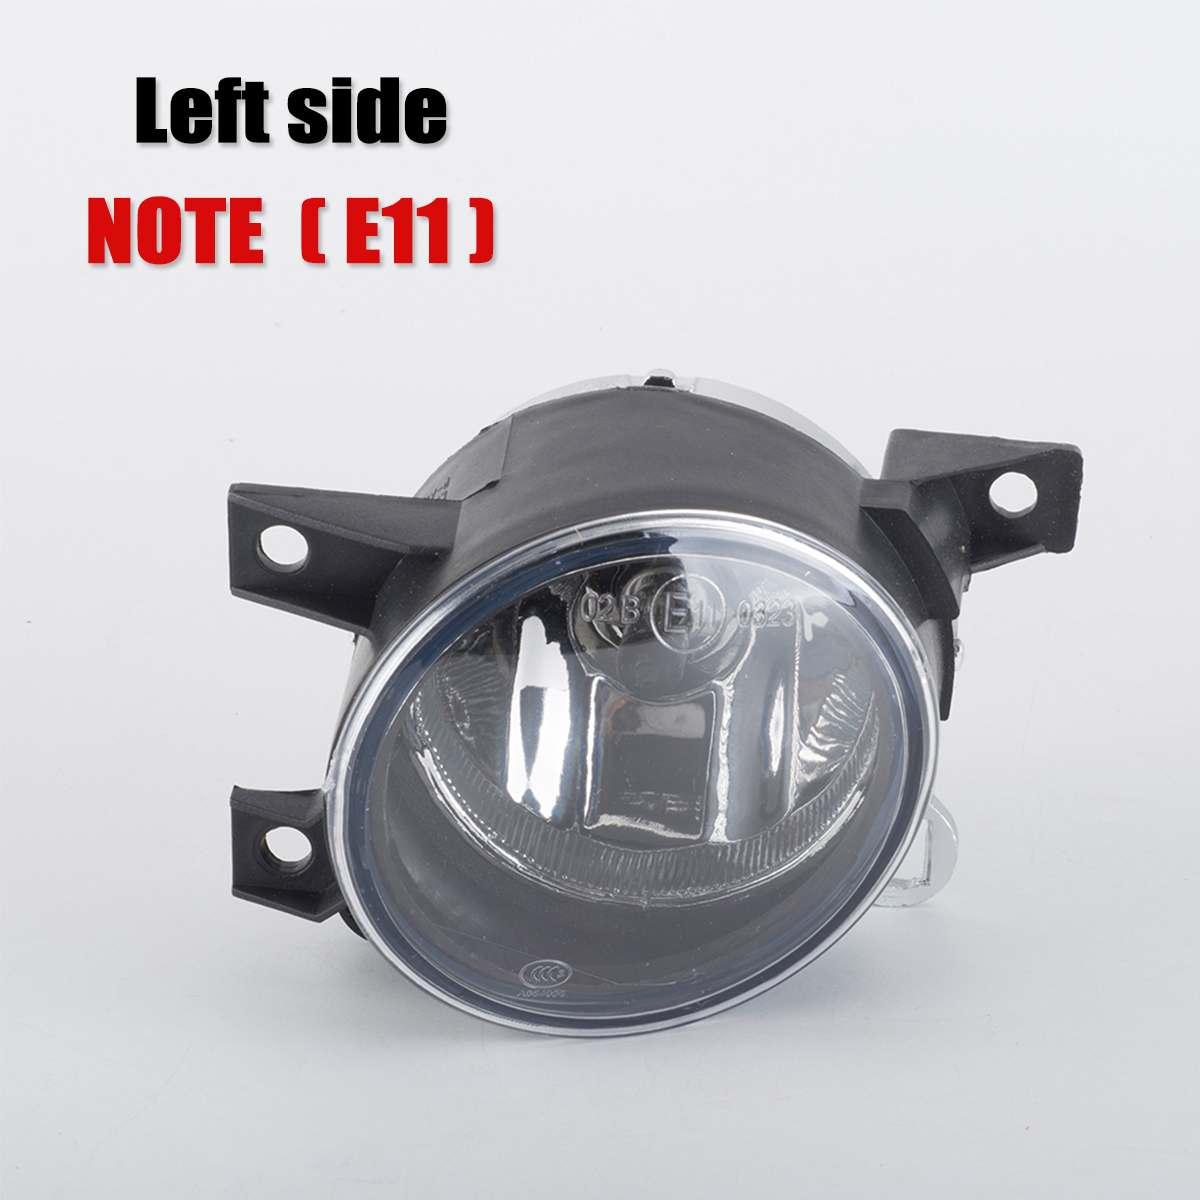 12582012eee3d 1 قطعة العنبر الجبهة الضباب ضوء مصباح التوقف ل سور V200 V240 2012 + الجانب  الأيسر